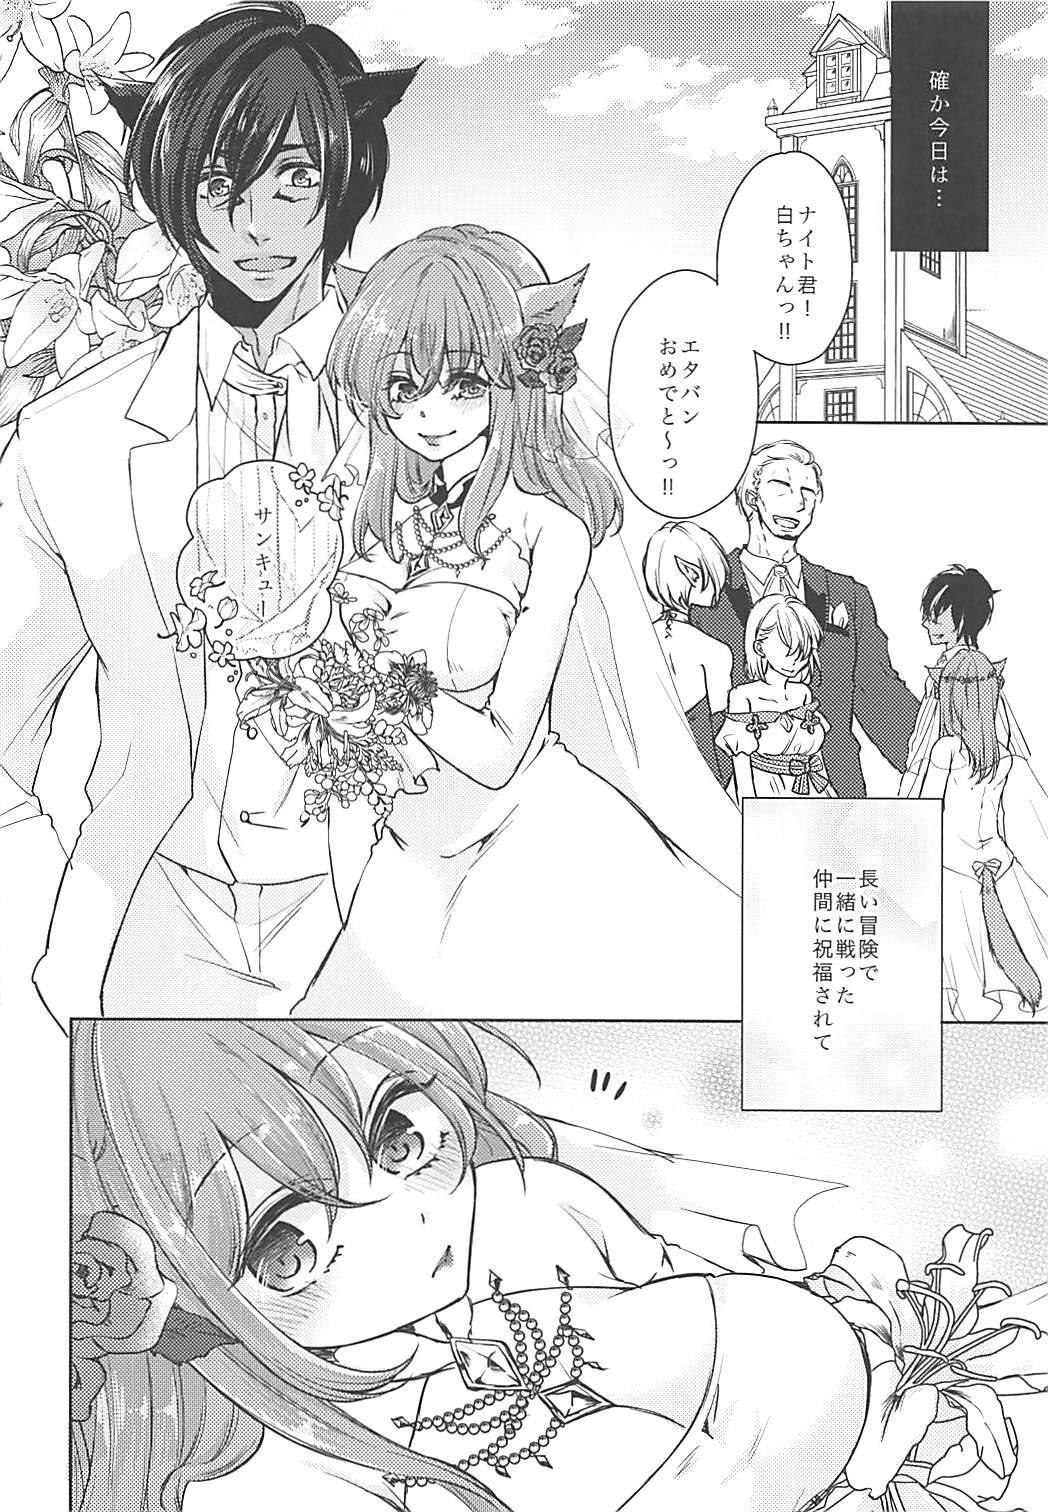 Ore no Mesu'te-chan ga Futanari datta Ken ni Tsuite 4